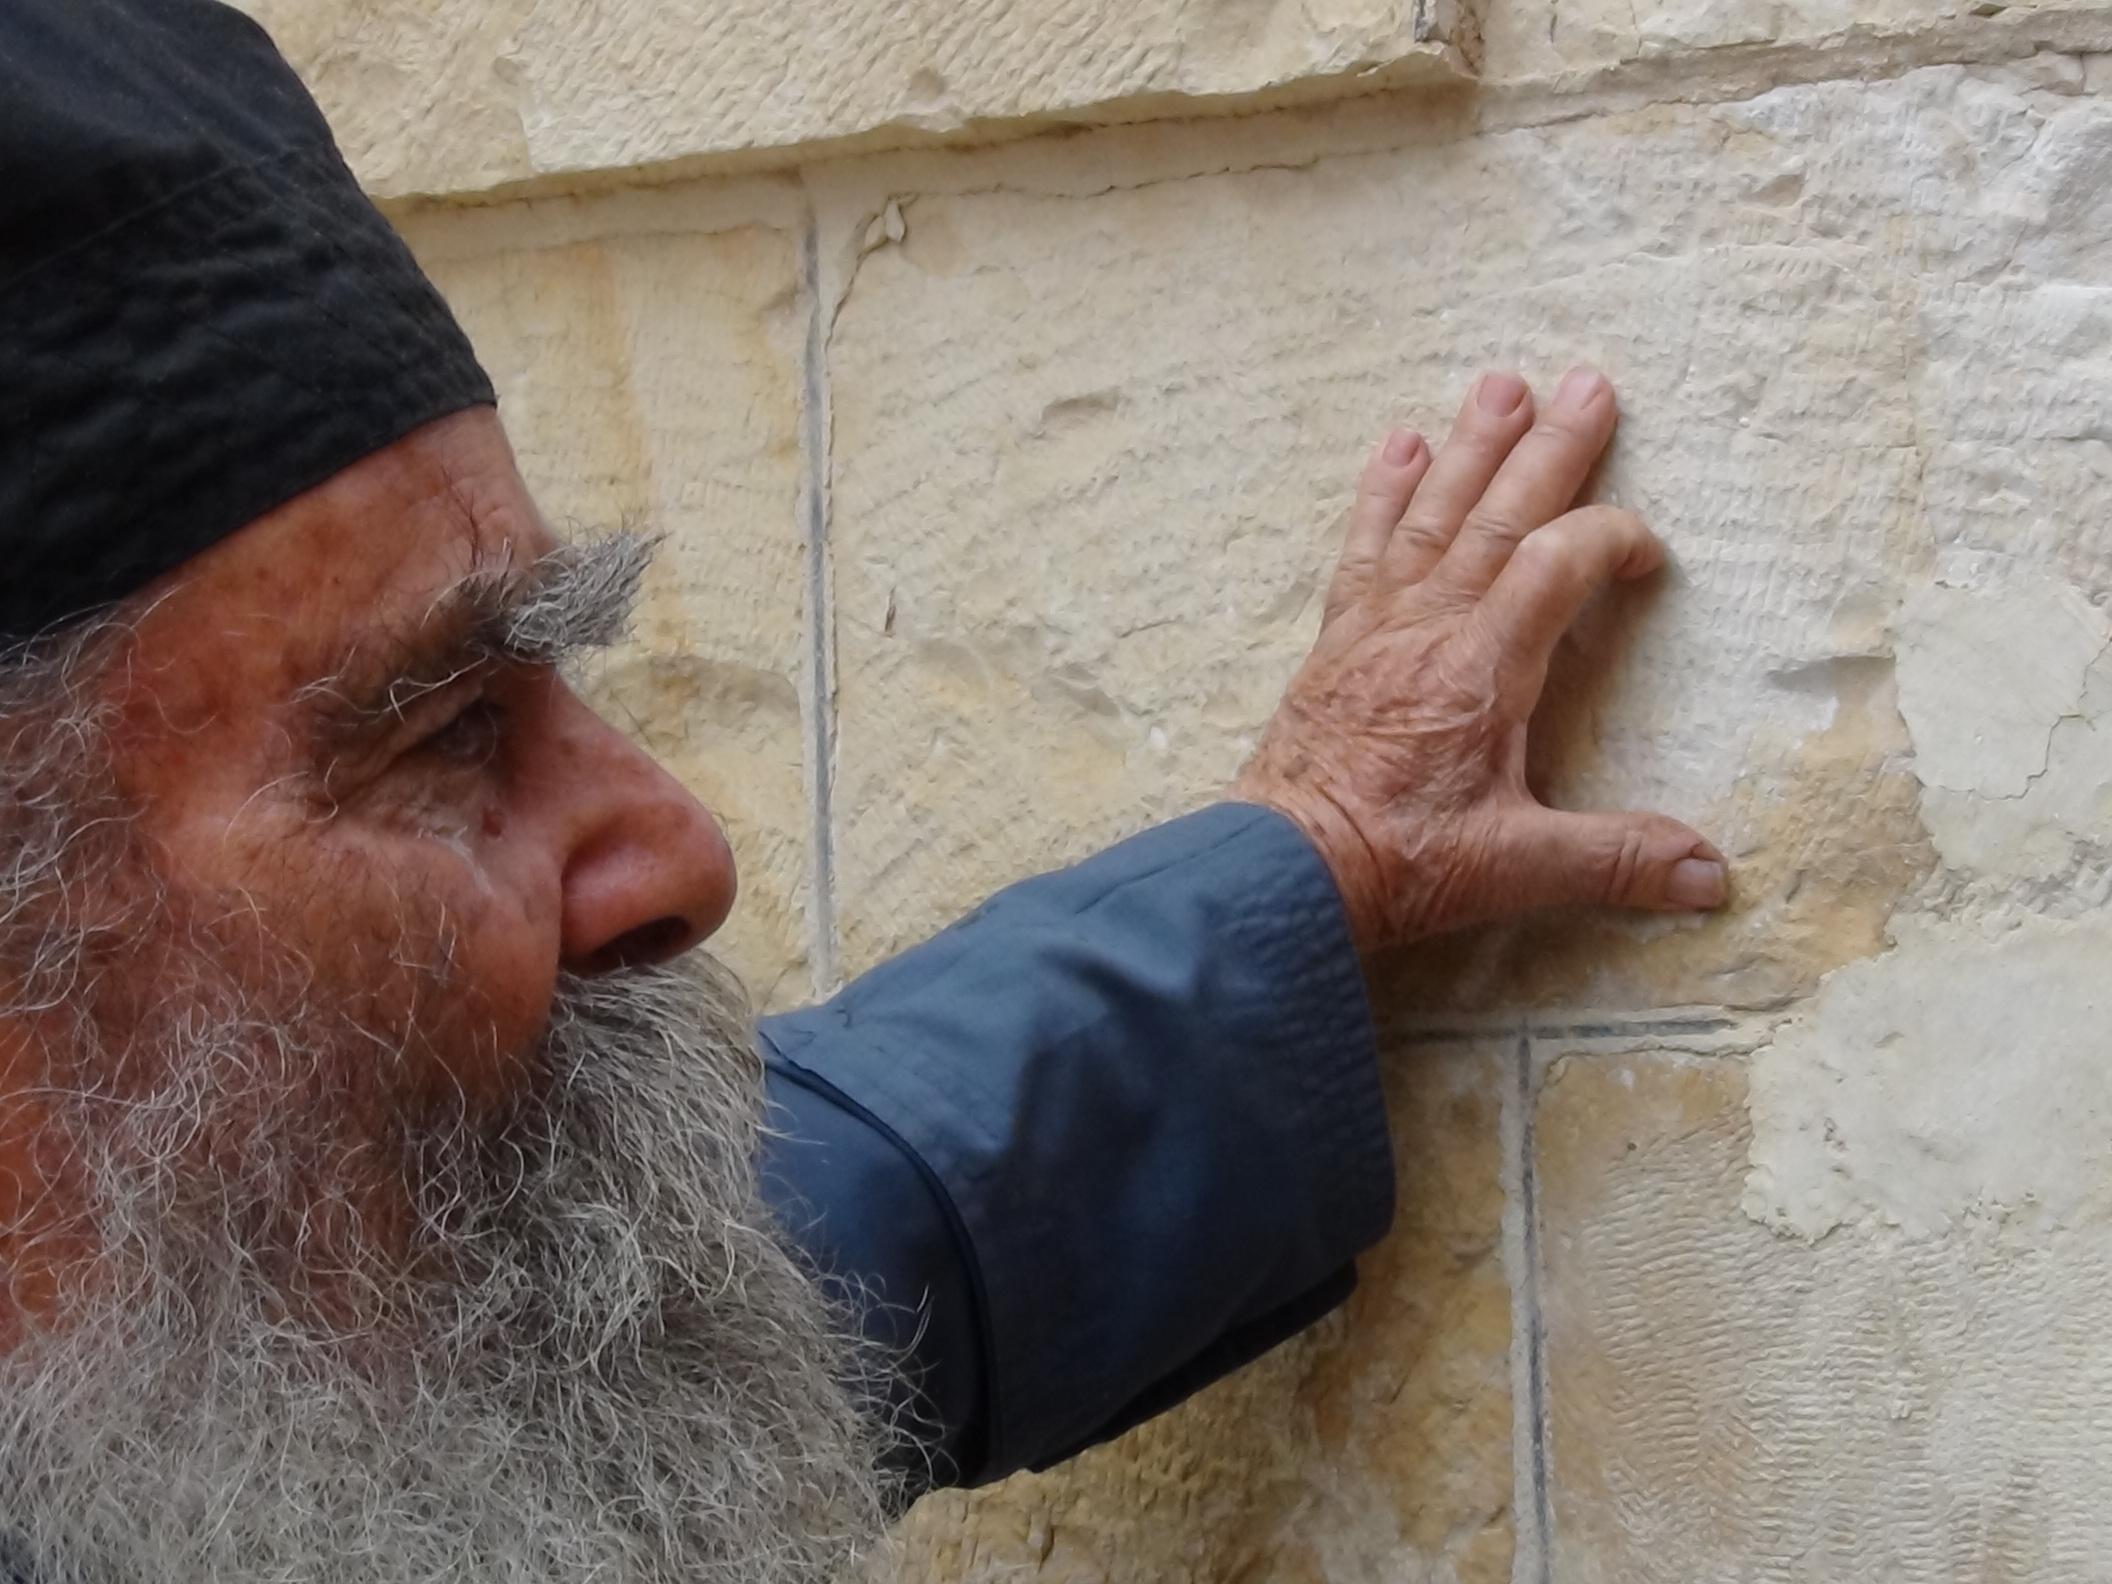 Αποτέλεσμα εικόνας για μοναχός Ιερόθεος ηγούμενος του μοναστηριού του Αγίου Θεοδοσίου